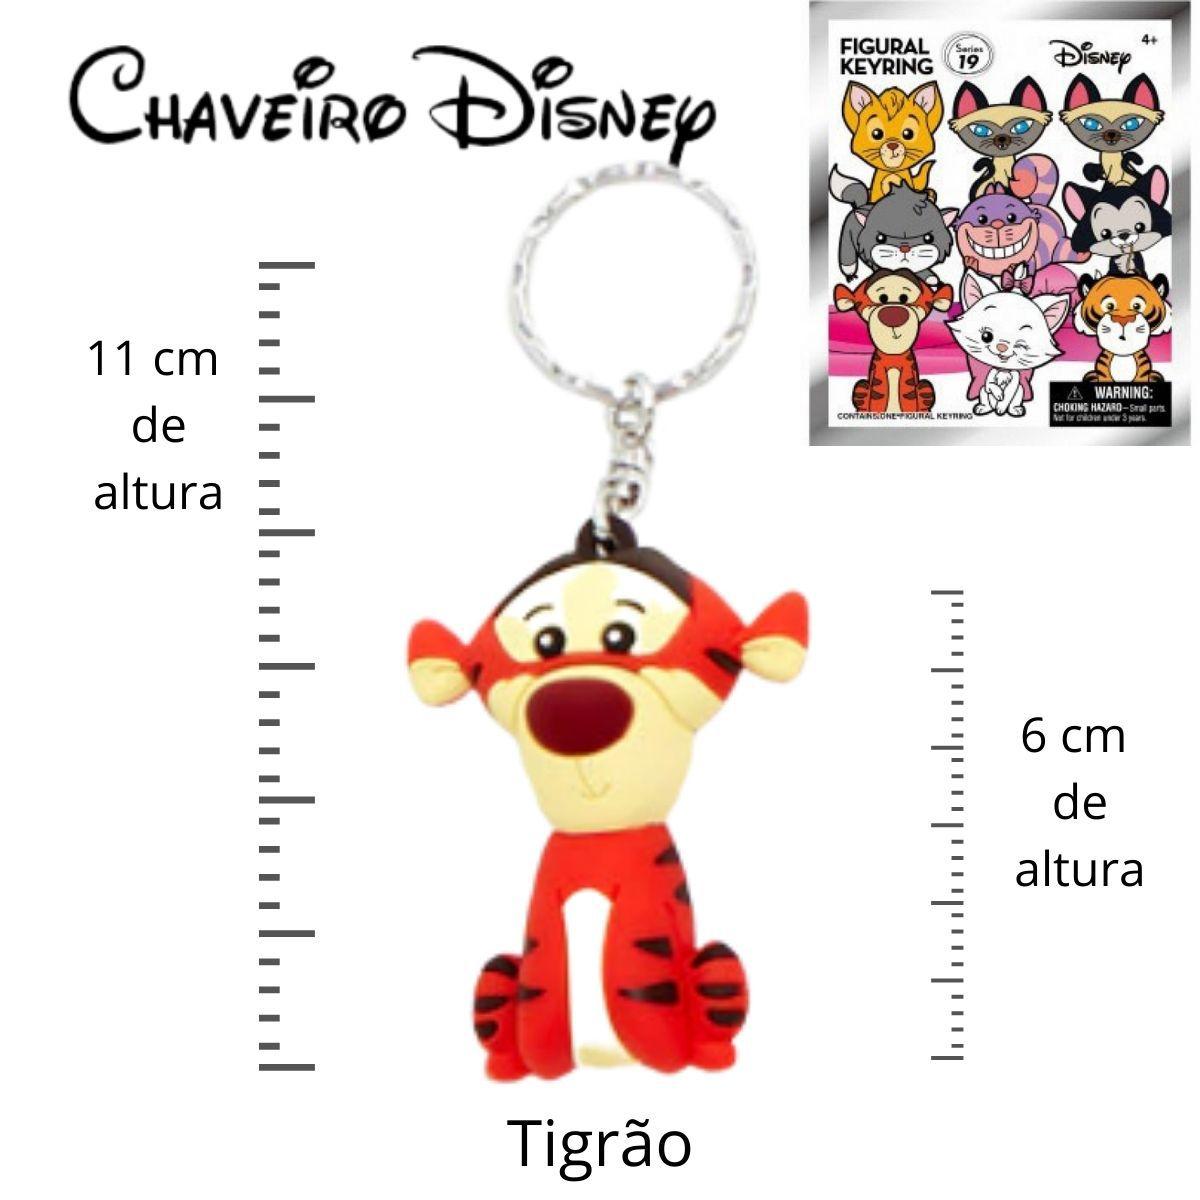 Chaveiro Disney Tigrão - Turma do Pooh  - Game Land Brinquedos